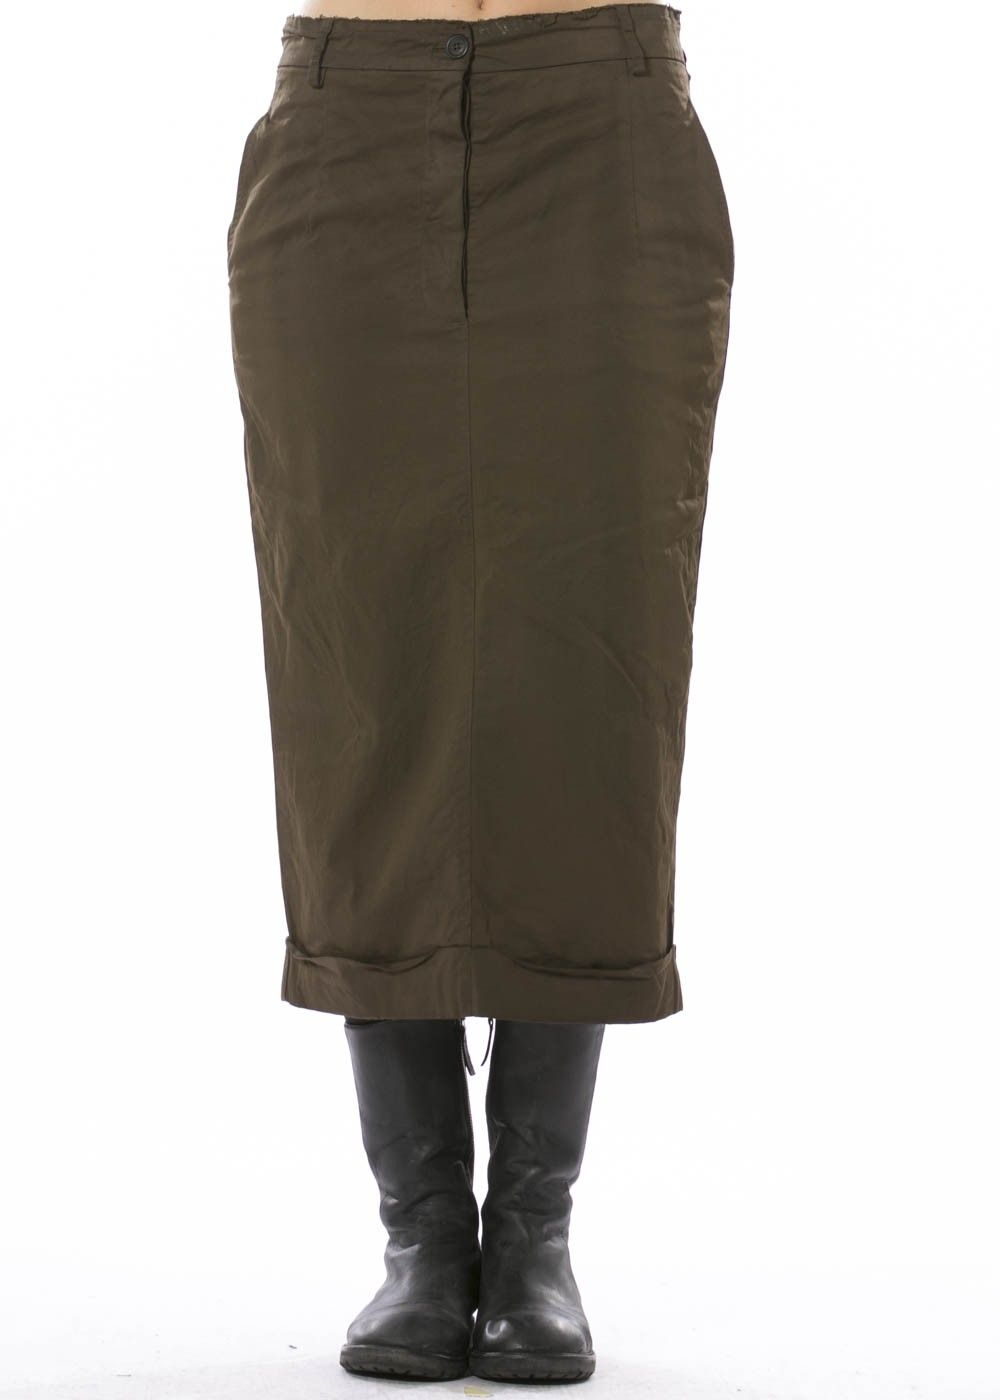 Wenderock von RUNDHOLZ DIP - http://dagmarfischermode.de #rundholz #dip #designer #german #fashion #style #stylish #styles #outfit #shopping #lagenlook #oversize #dagmarfischermode #shop #outfit #cool #autumn #fall #winter #mode #extravagant